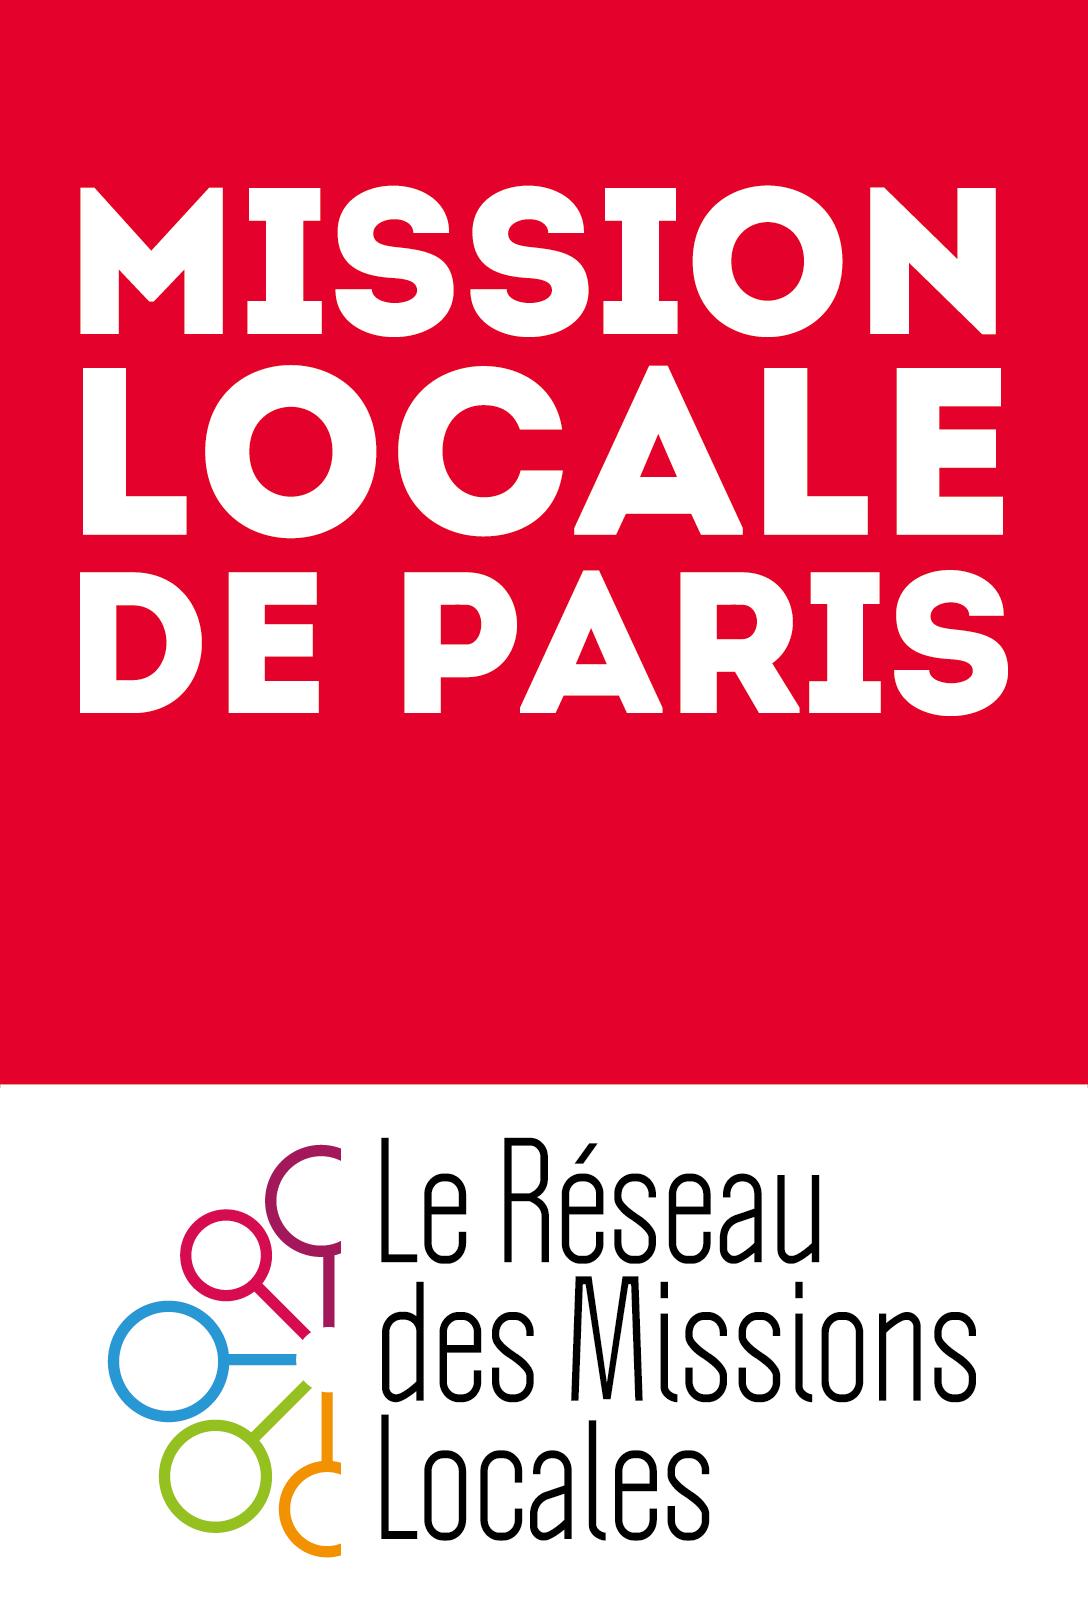 Visitez le stand de Mission Locale de Paris